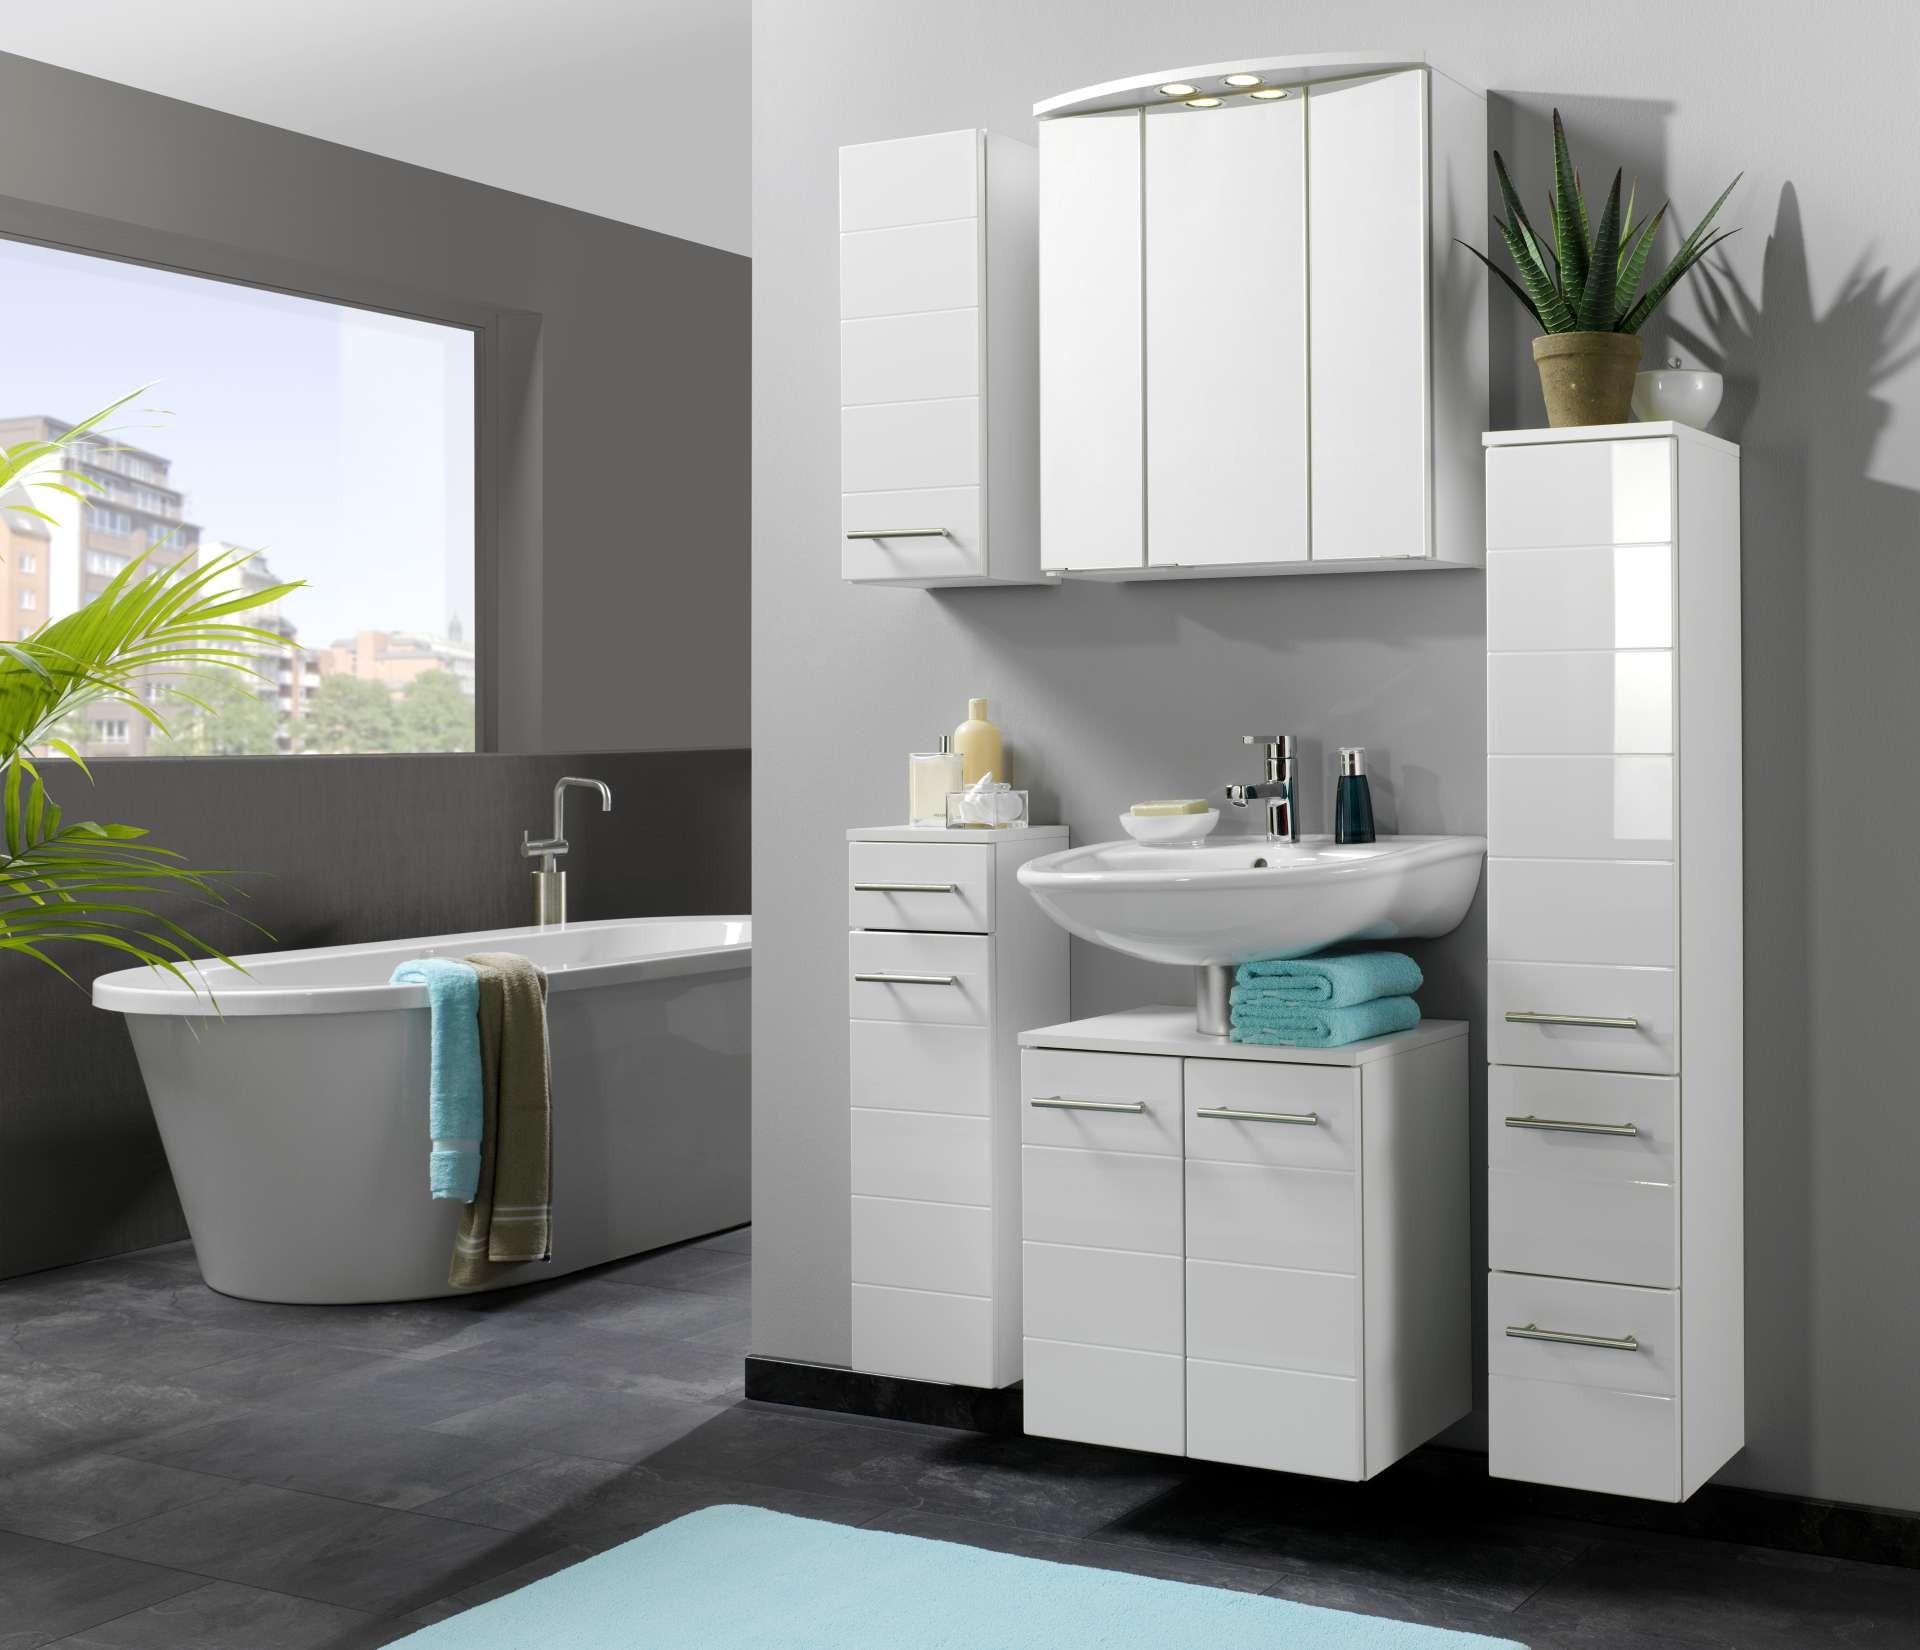 bad midischrank rimini 1 t rig 2 schubladen 25 cm breit hochglanz wei bad bad midischr nke. Black Bedroom Furniture Sets. Home Design Ideas